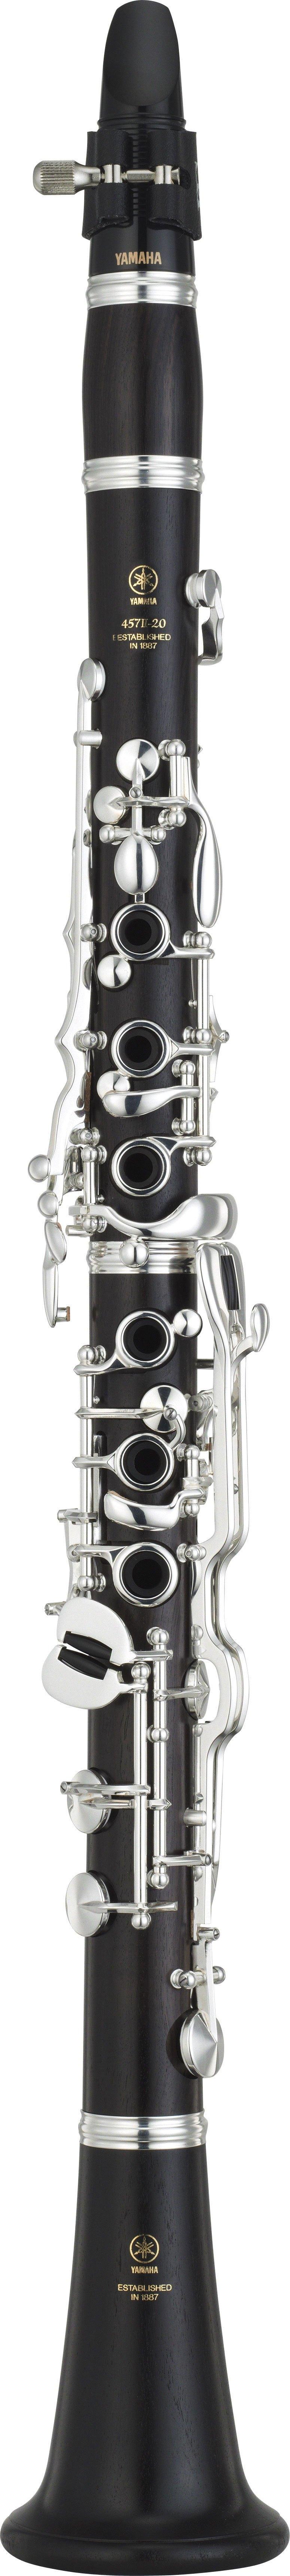 Yamaha - YCL-457-20-II - Holzblasinstrumente - Klarinetten | MUSIK BERTRAM Deutschland Freiburg